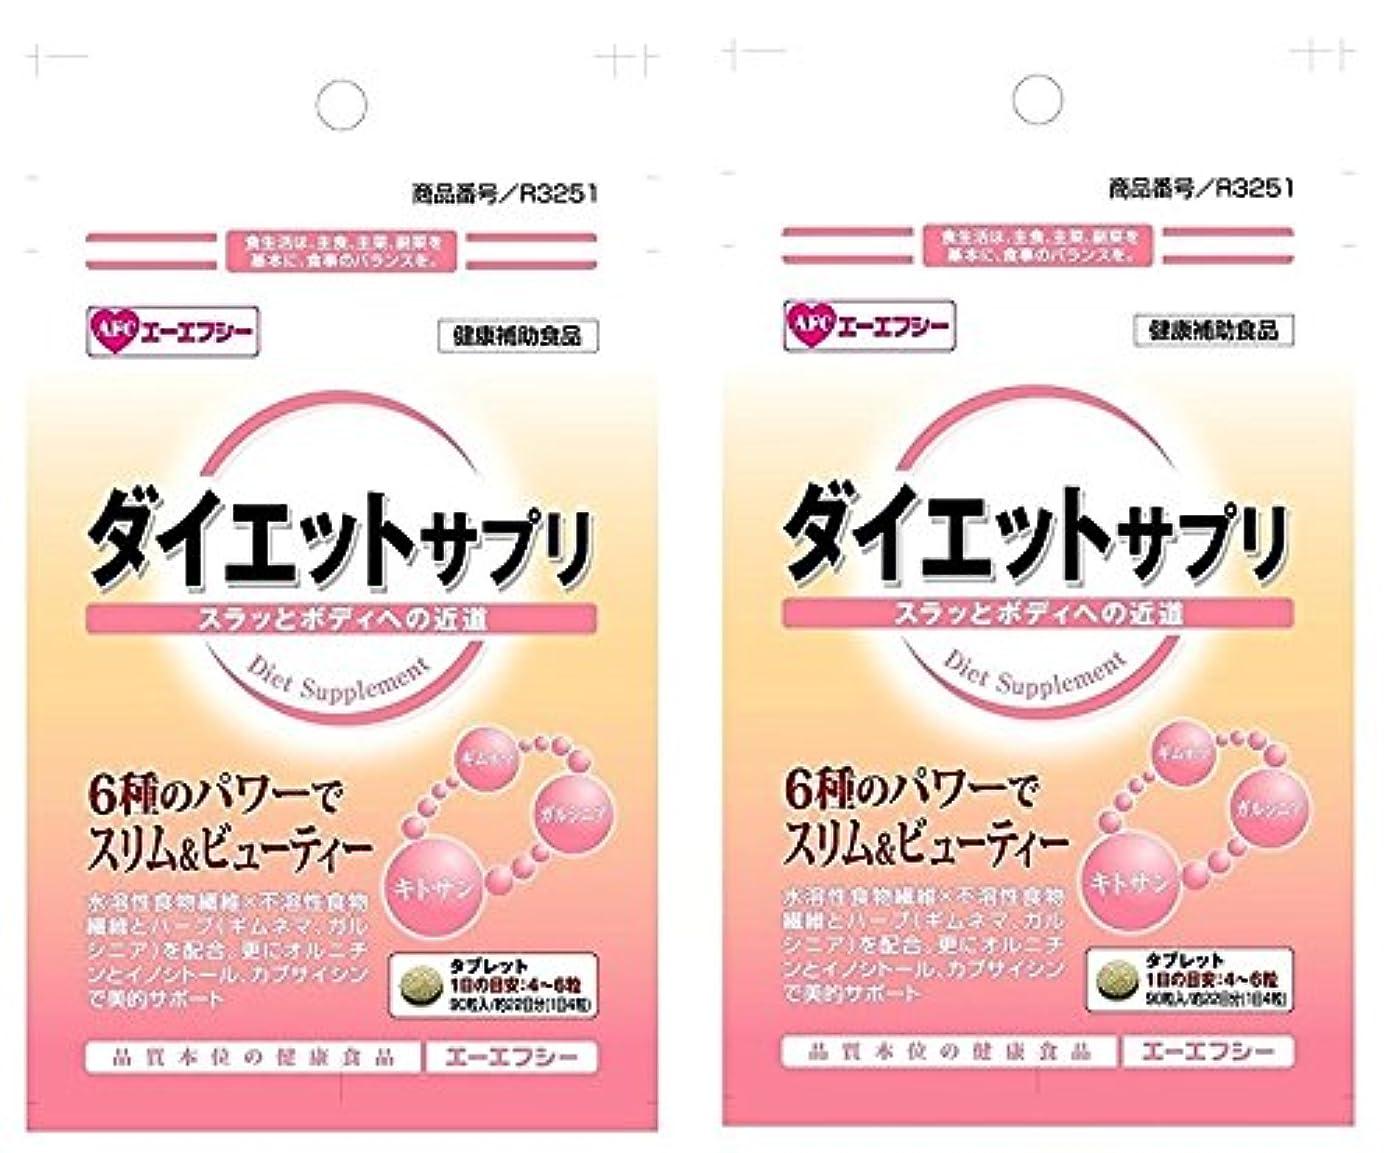 風刺ゴミ発生器【X2個セット】 500S ダイエットサプリ 90粒 (約22日分) 【国内正規品】